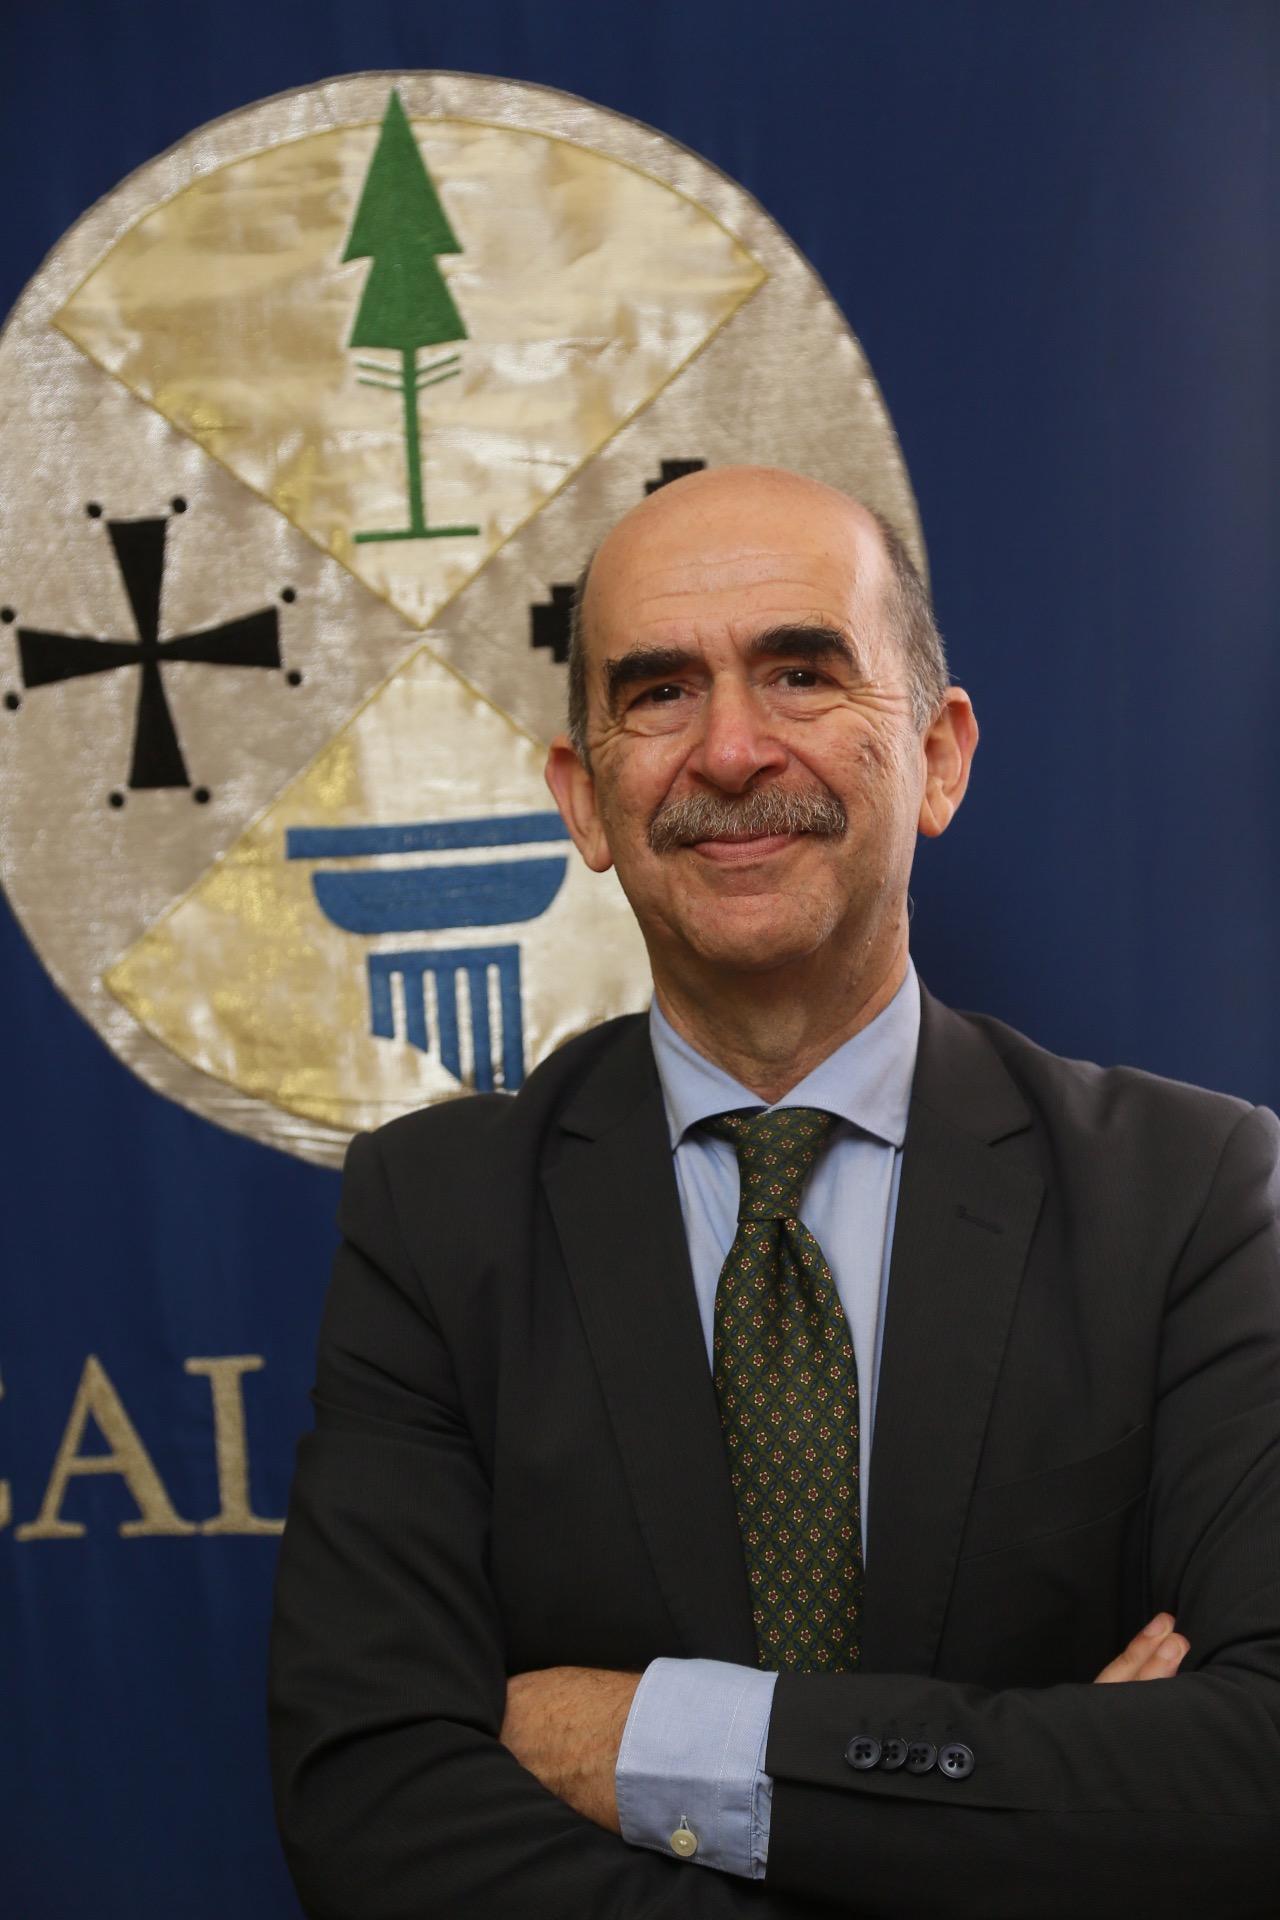 Francesco Russo - Assessore al Sistema della logistica, sistema portuale regionale e